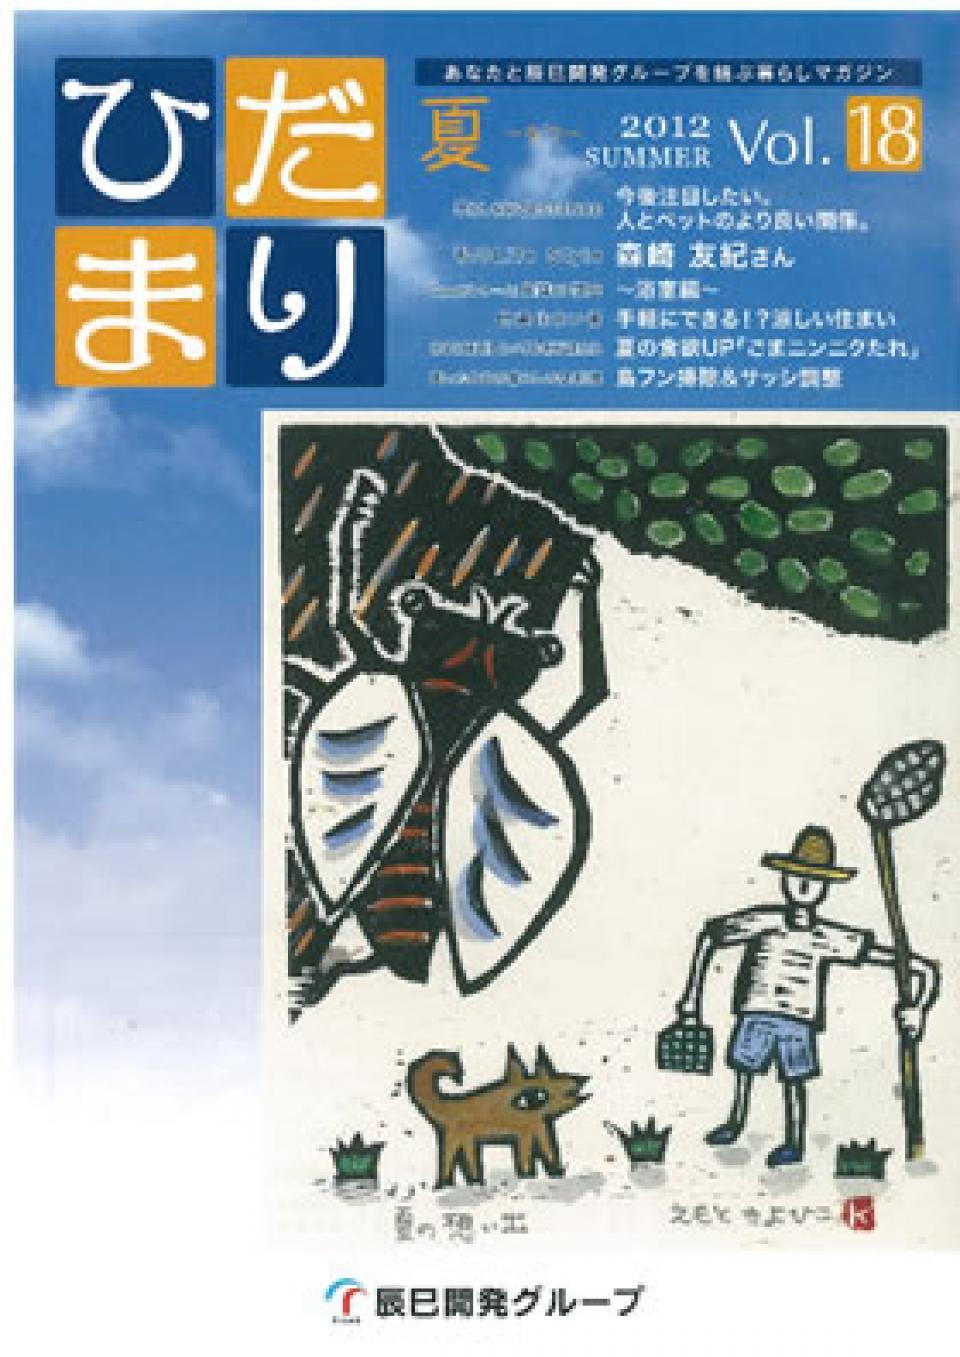 ひだまり 2012 Summer vol.18